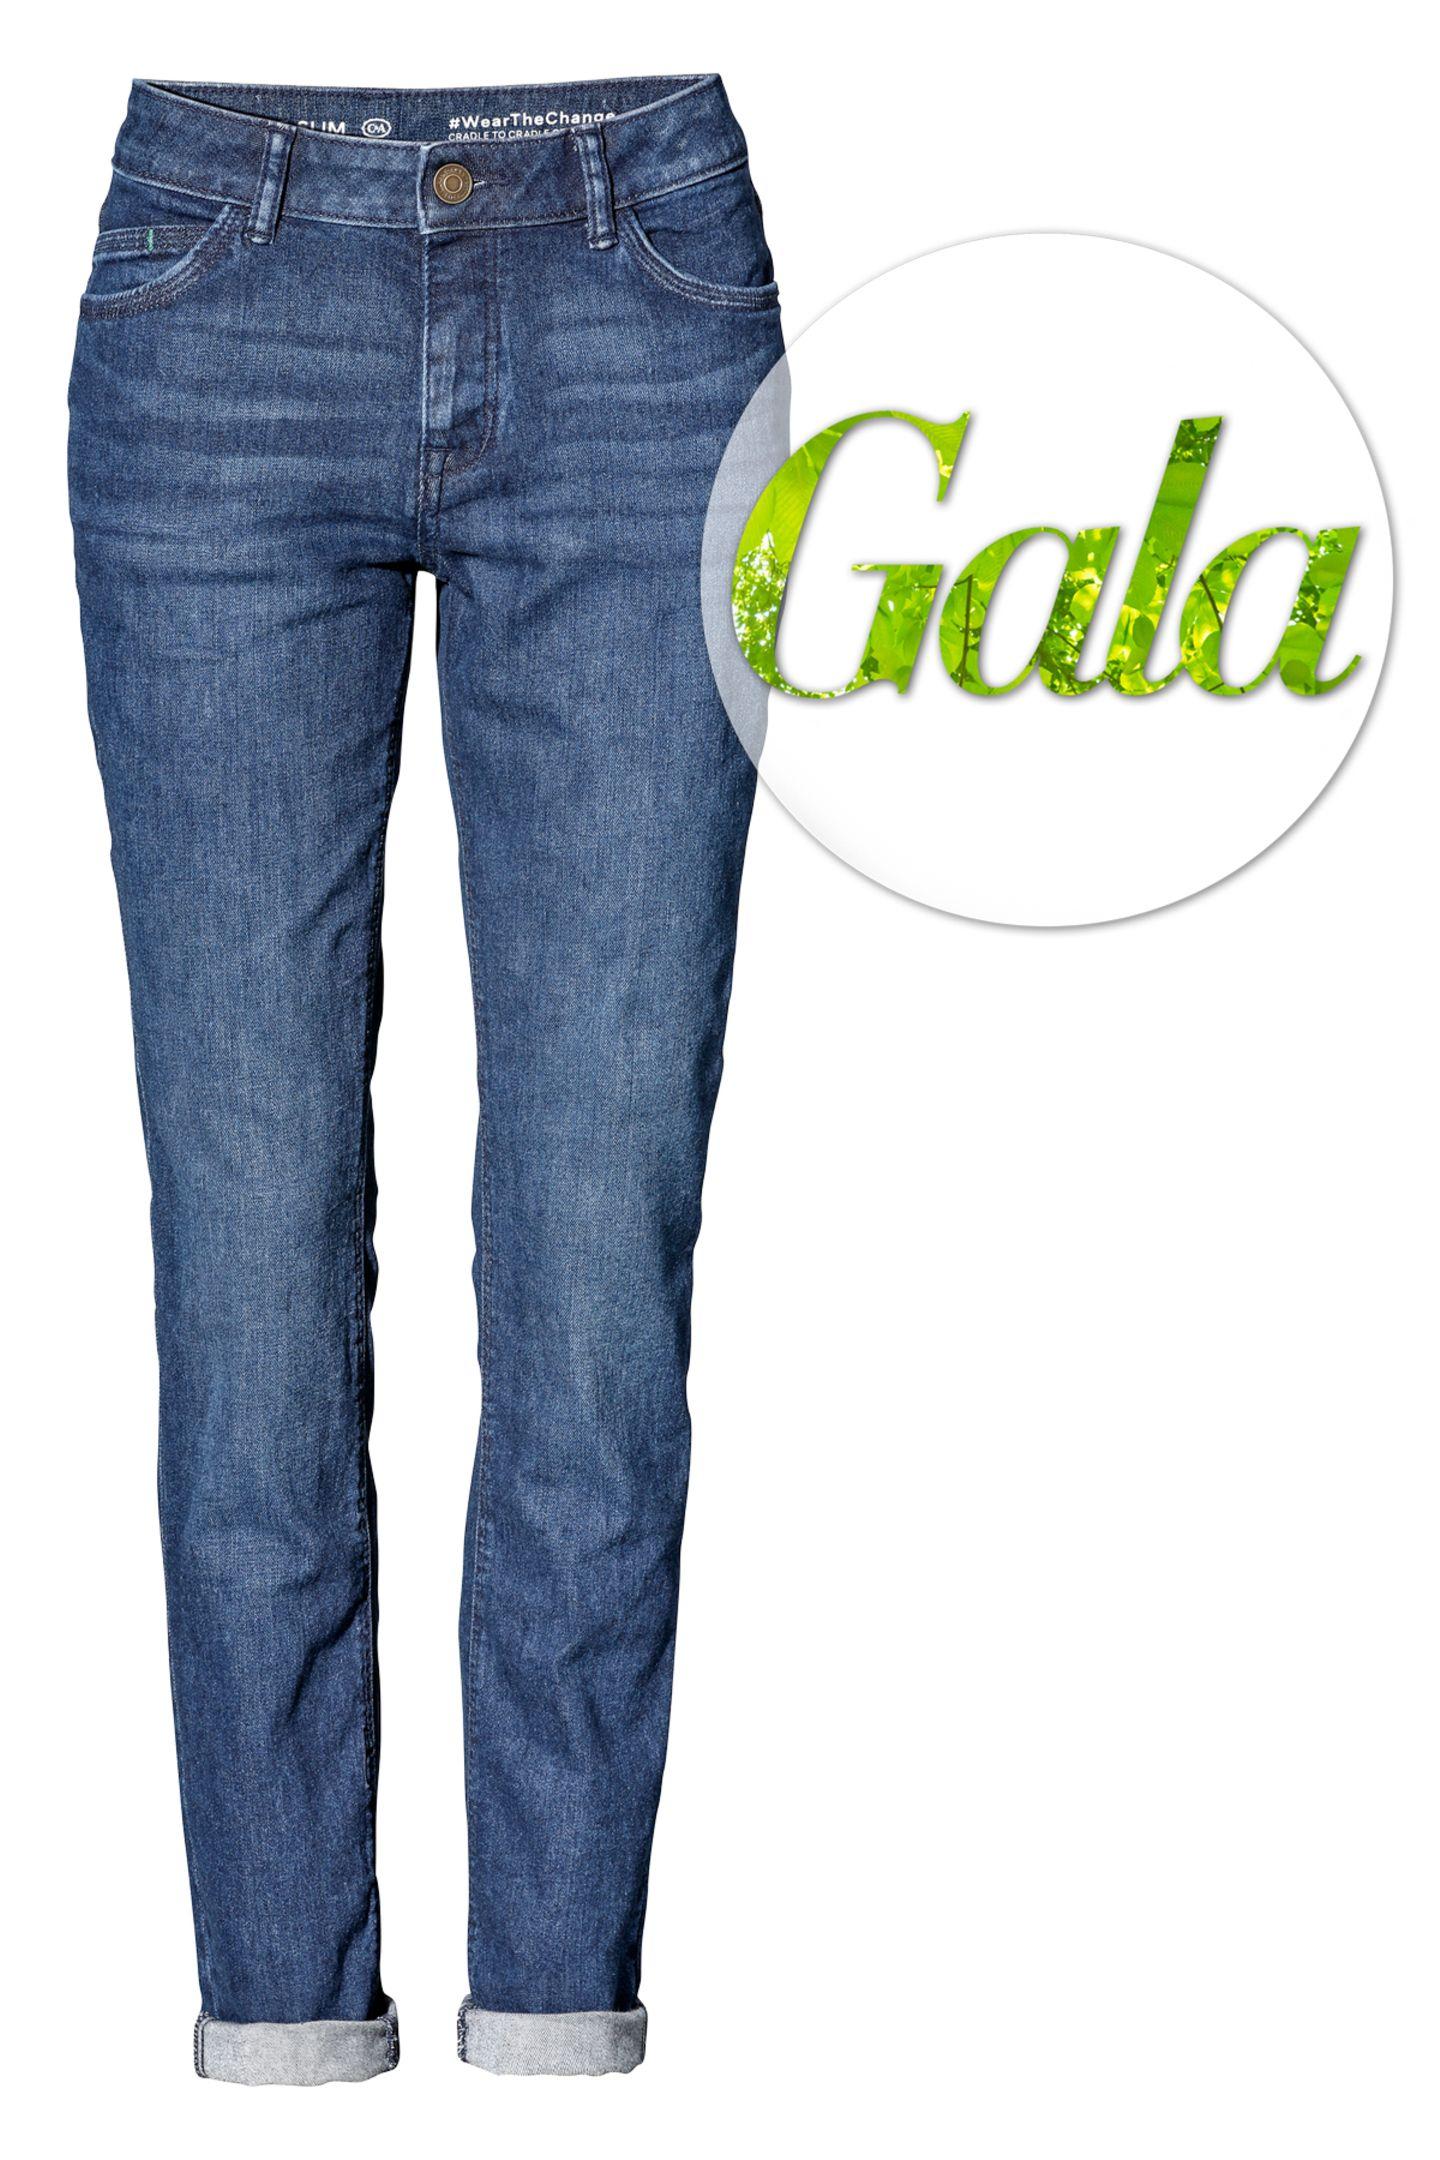 """Shoppen ohne schlechtes Gewissen: C&A präsentiert die """"nachhaltigste Jeans der Welt"""". Jede einzelne Komponente der Hose ist ausnachhaltigen Materialien gefertigt. Der Mode-Einzelhändler möchte damit erreichen, dass nachhaltig produzierte Mode nach und nach zur neuen Norm wird. Da bekommen wir sofort Lust auf ein lässiges Double-Denim-Outfit.Ab sofort exklusiv im Online-Shop von C&A erhältlich für ca. 29 Euro."""